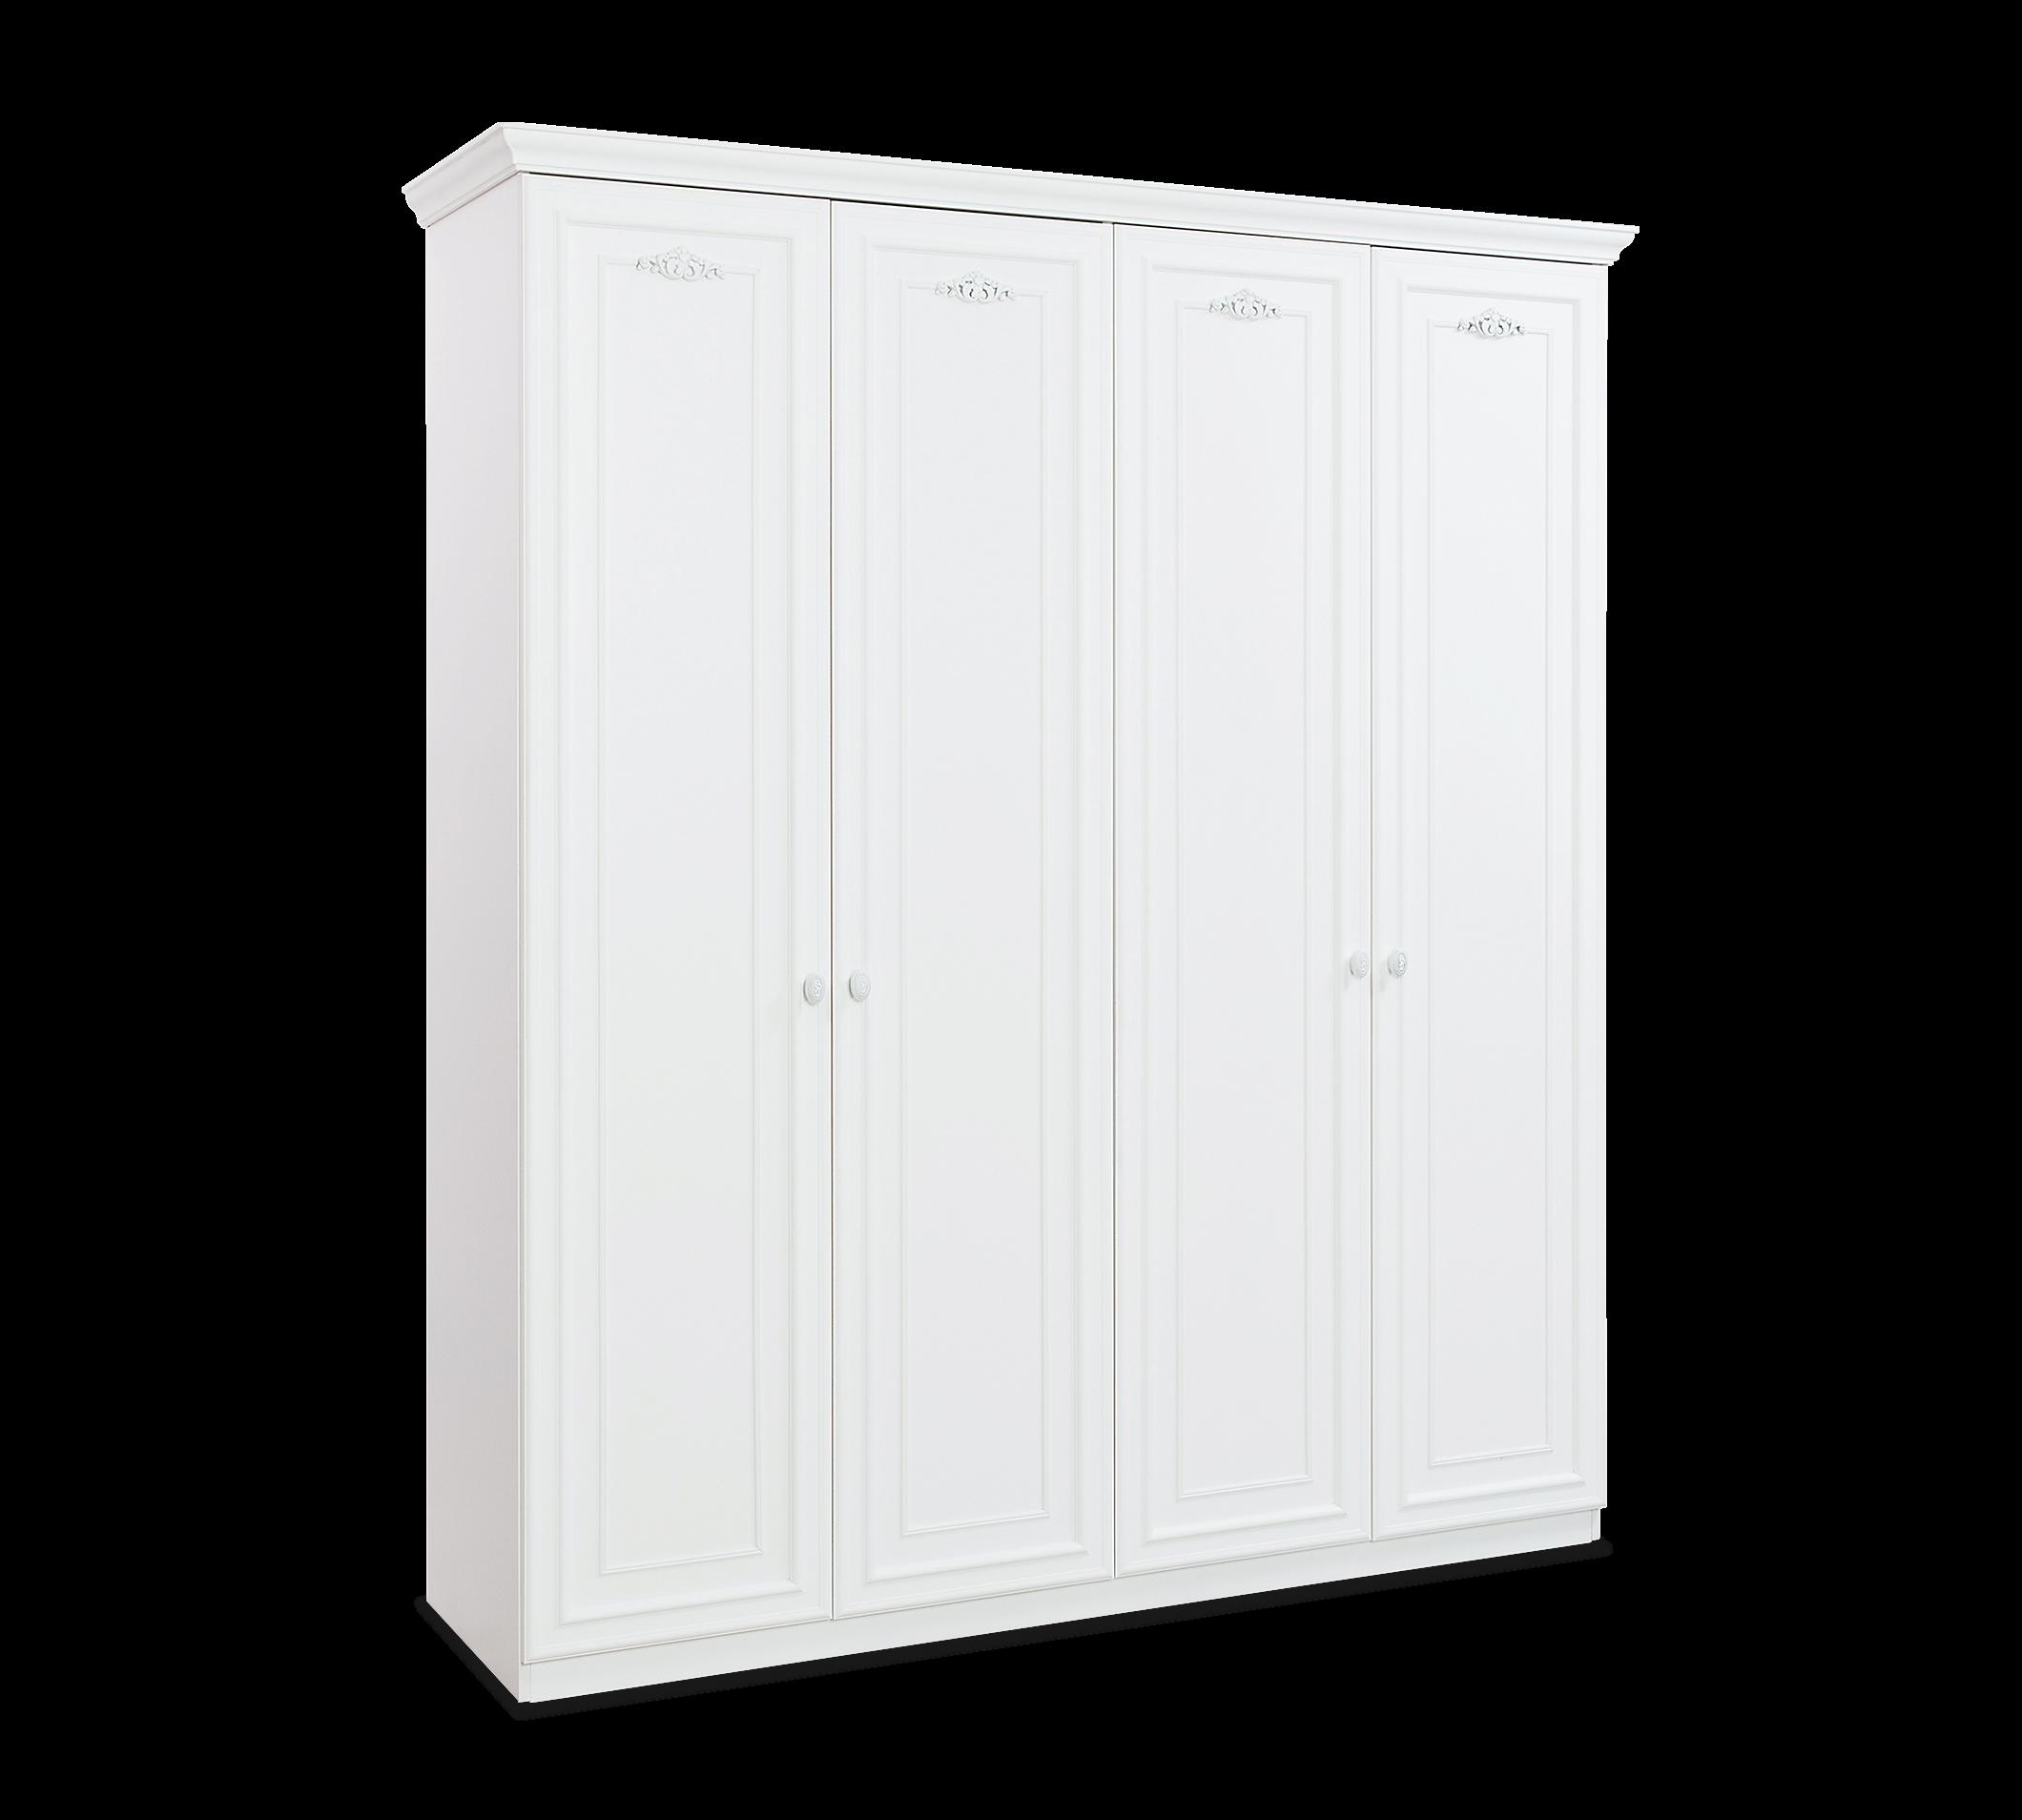 Dulap din pal cu 4 usi, pentru copii si tineret Romantica White, l188xA56xH214 cm